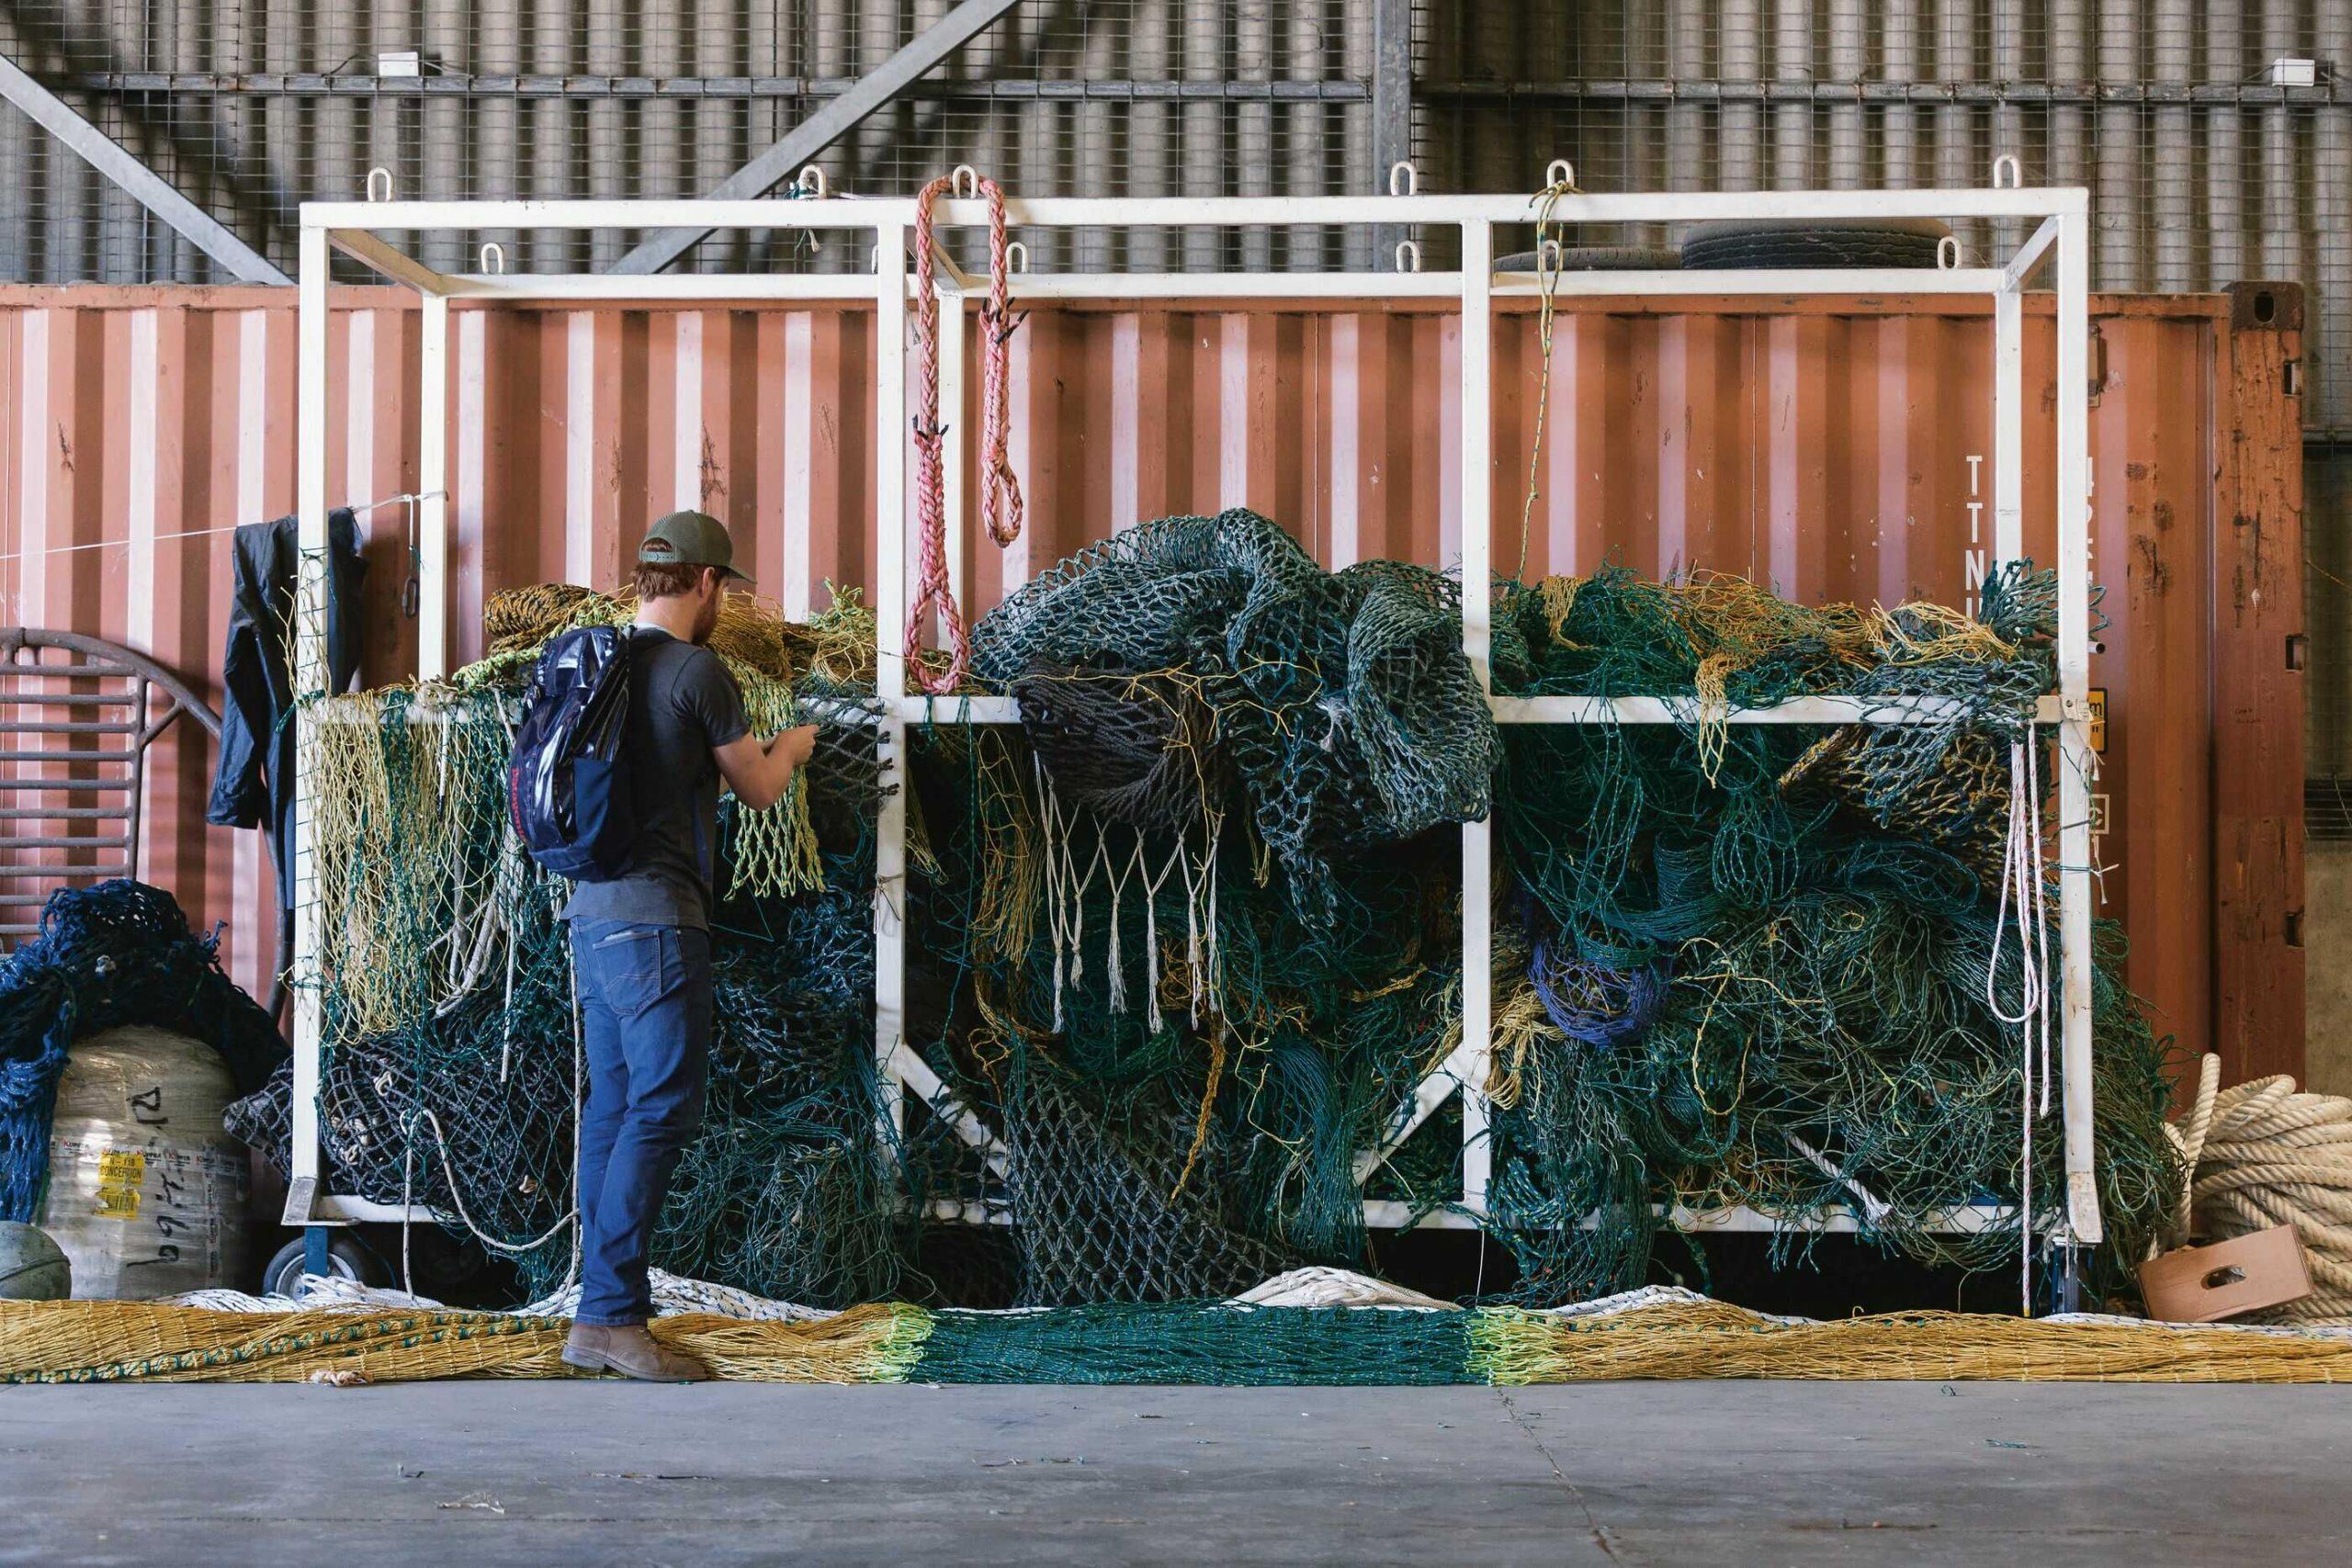 ksiltovka patagonia recyklácia rybárskych sietí